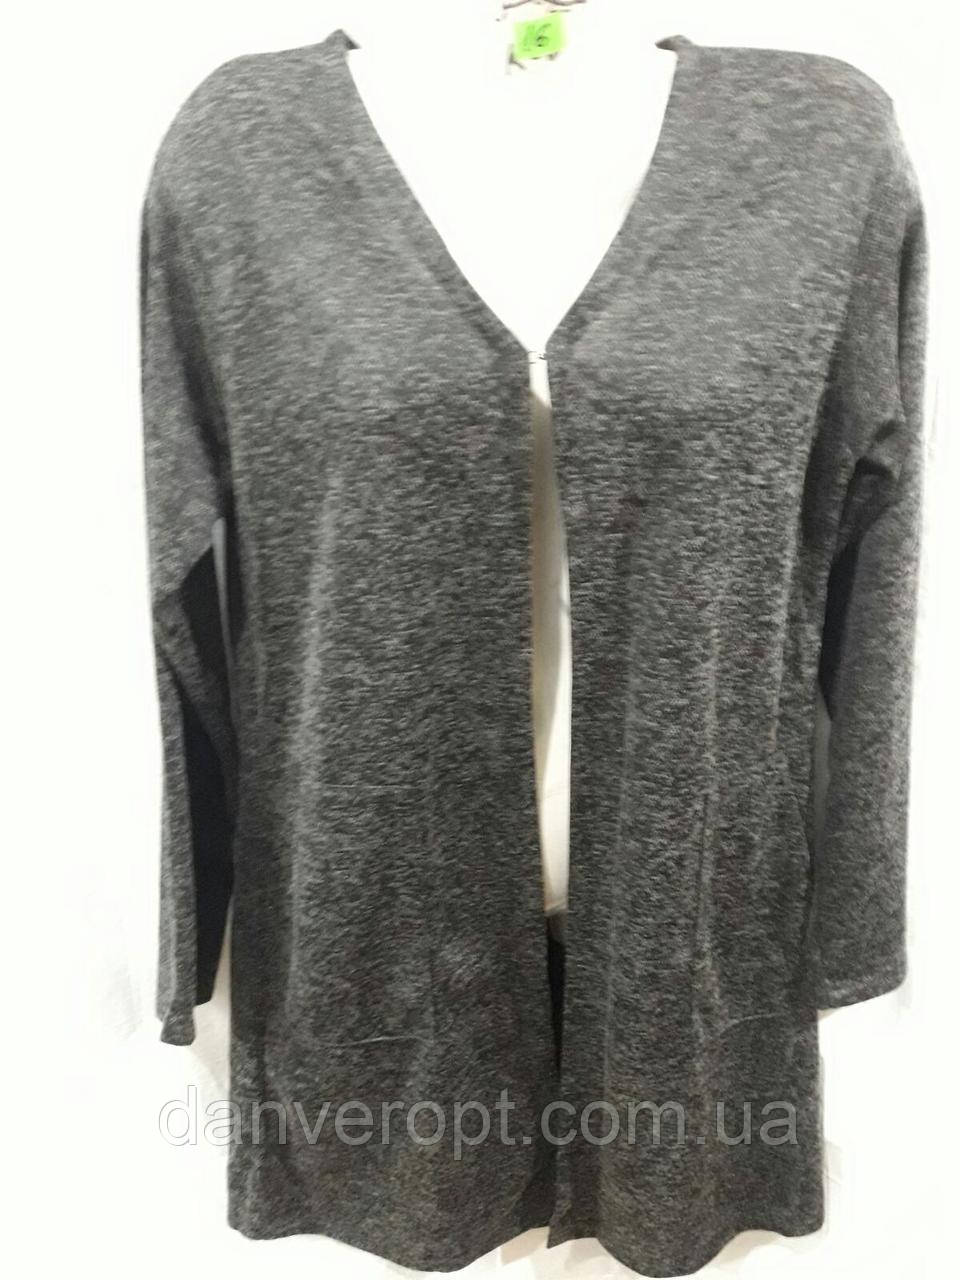 Кардиган женский модный стильный размер универсальный 46-50, купить оптом со склада 7км Одесса